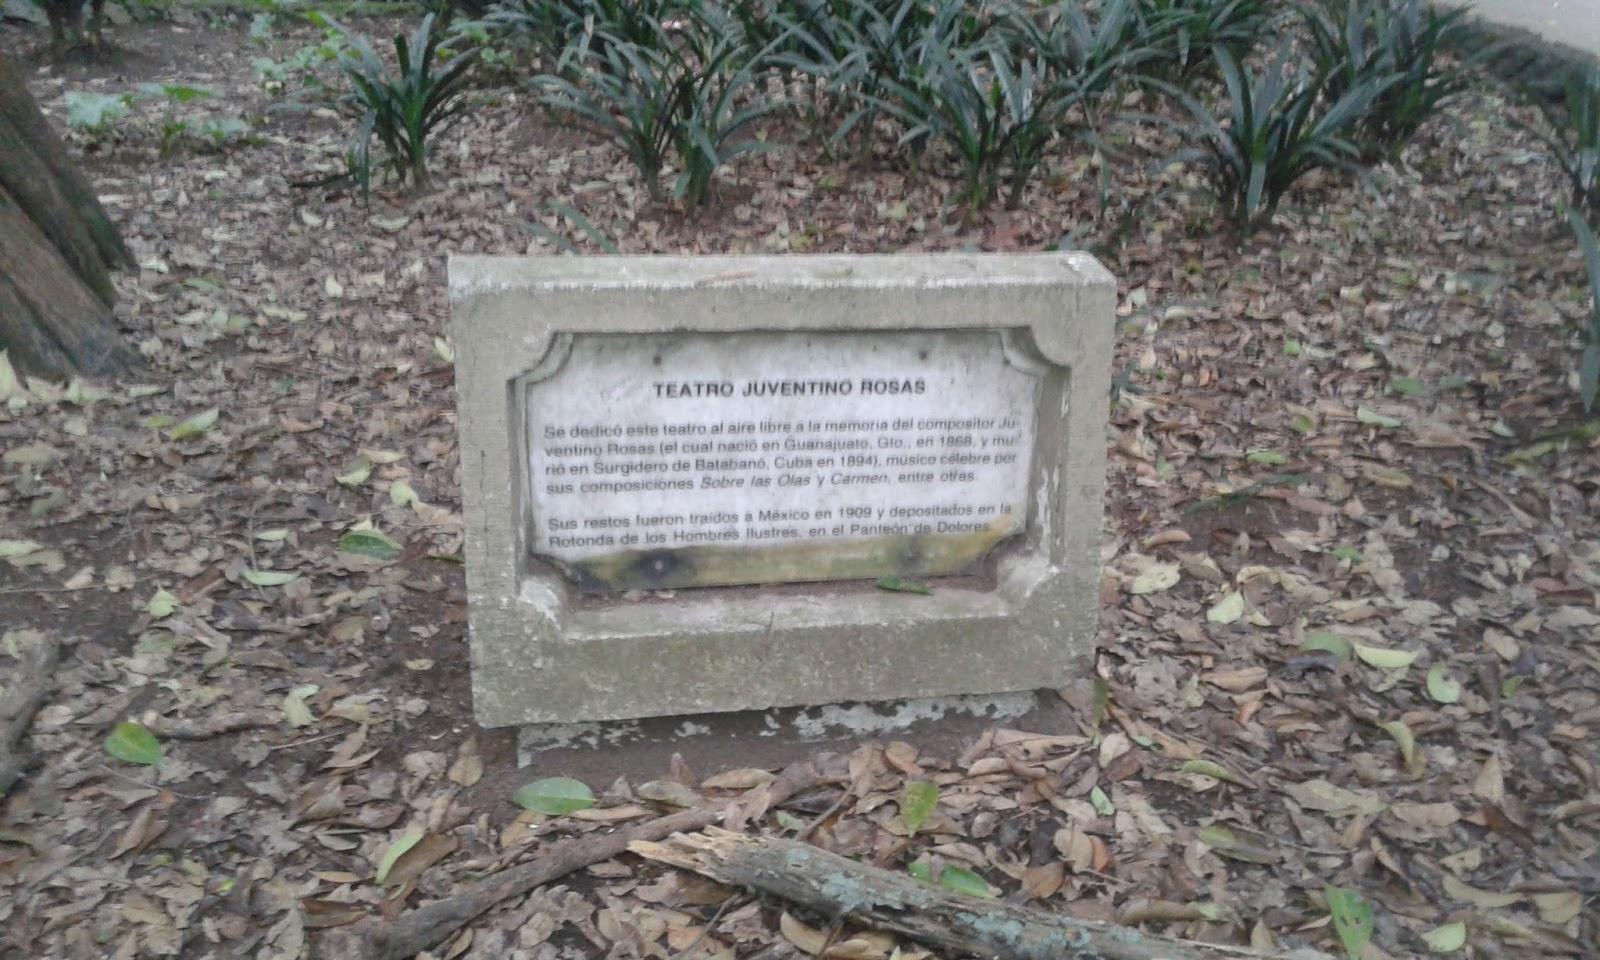 Bosque de Chapultepec. Calzada de los Poetas